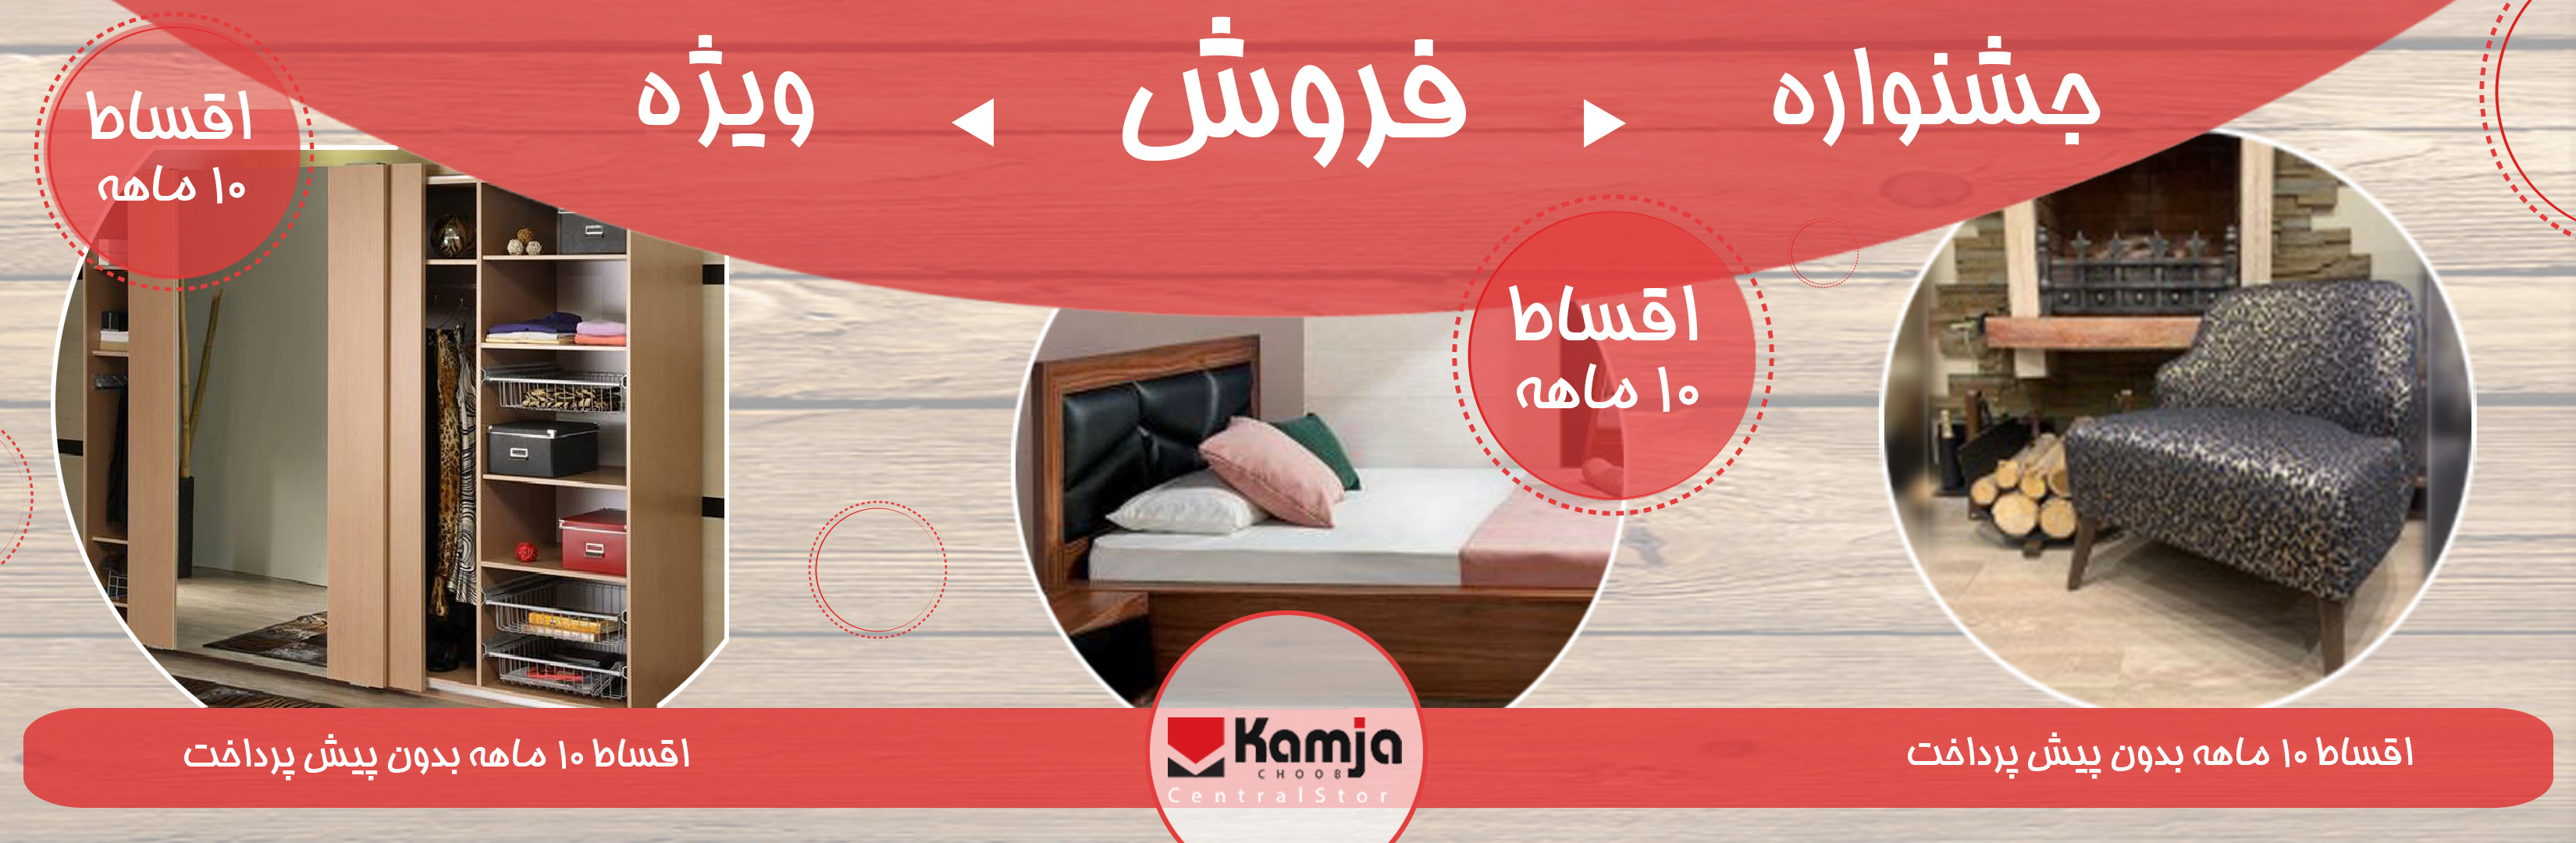 kamja12-1